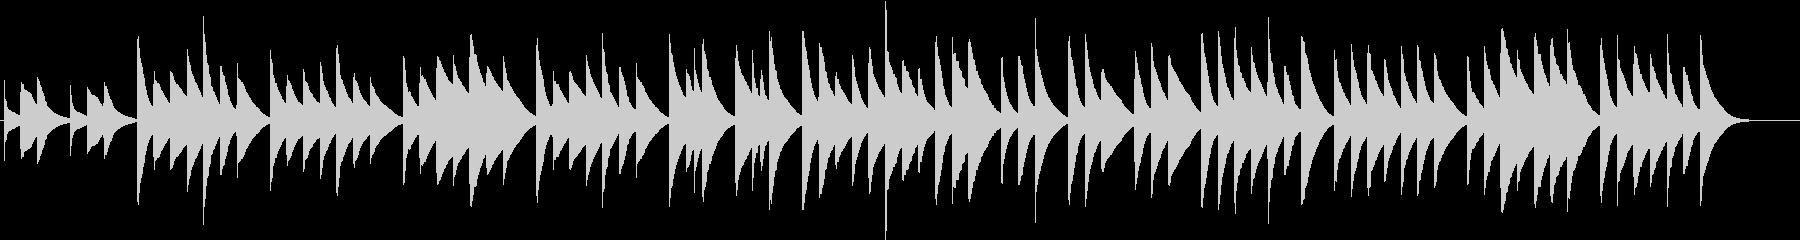 チェレスタの音色で作ったゆったりとした曲の未再生の波形